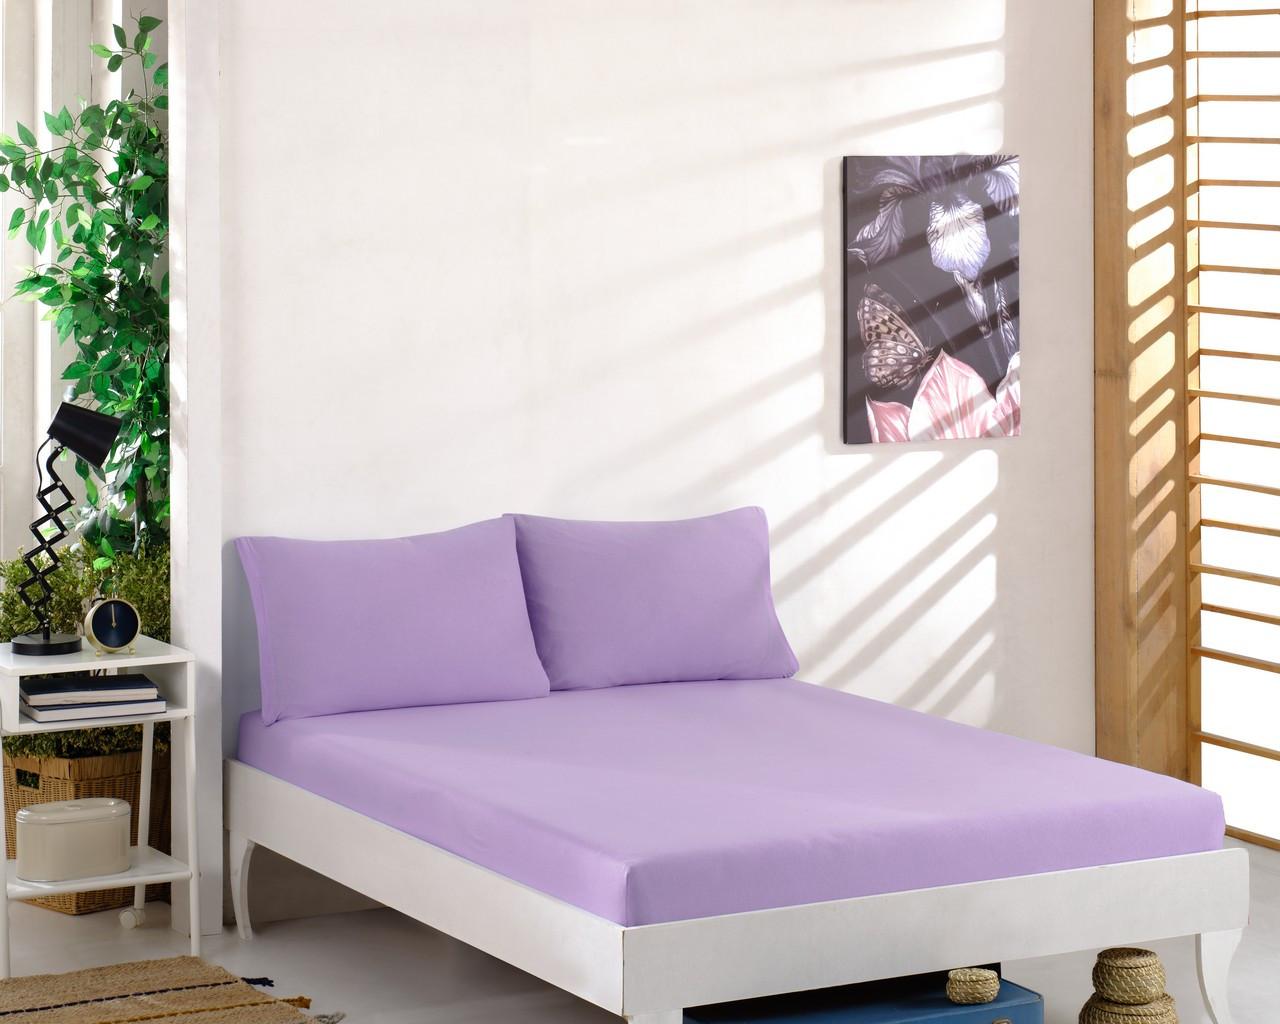 Простирадло трикотажна на резинці спальне місце 180 x 200 см, 2 наволочки 50*70 см Колір Бузковий